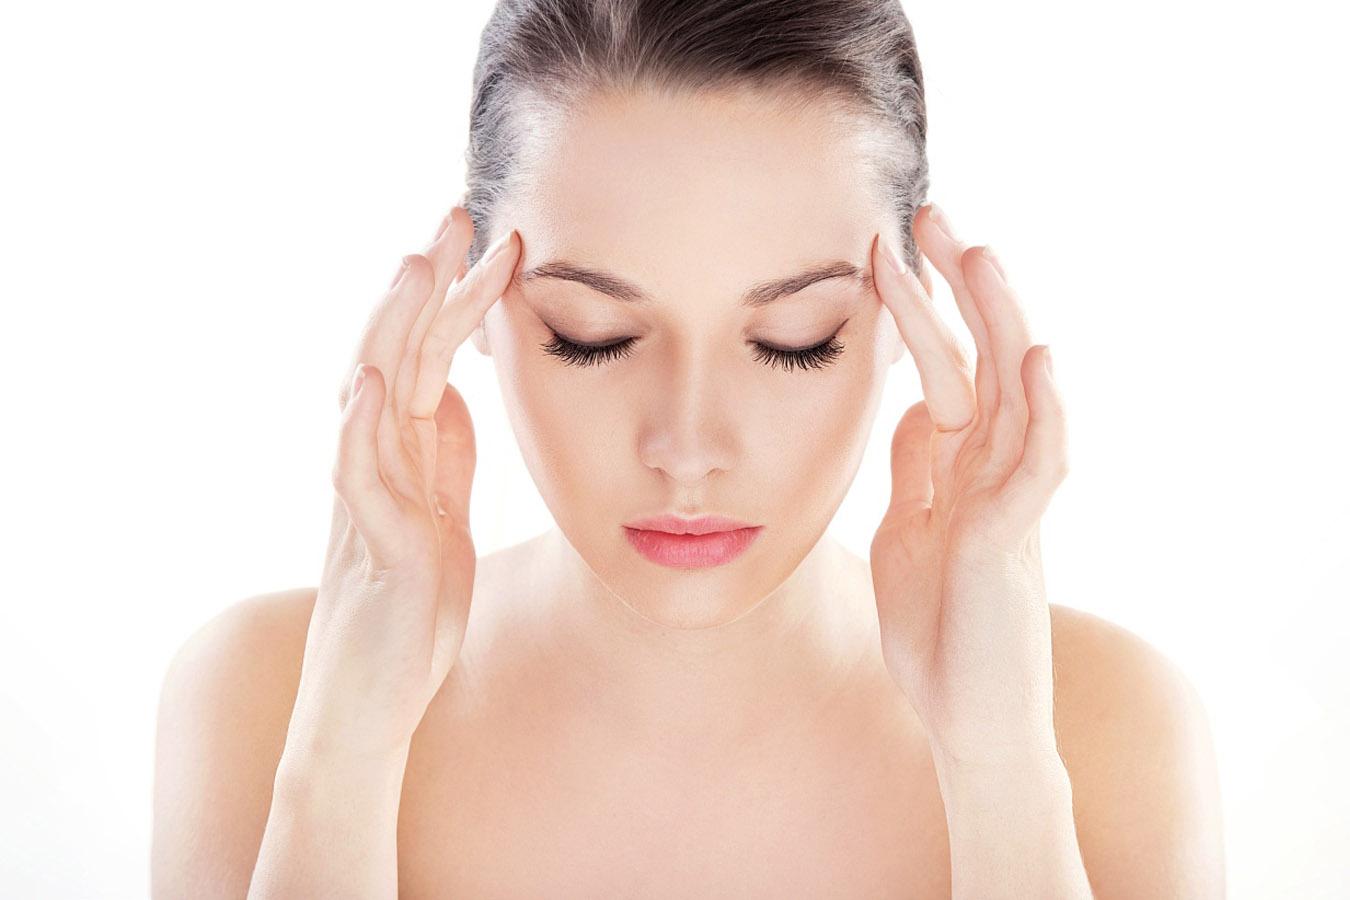 Perché si ha la sensazione della testa pesante e quando rivolgersi al medico